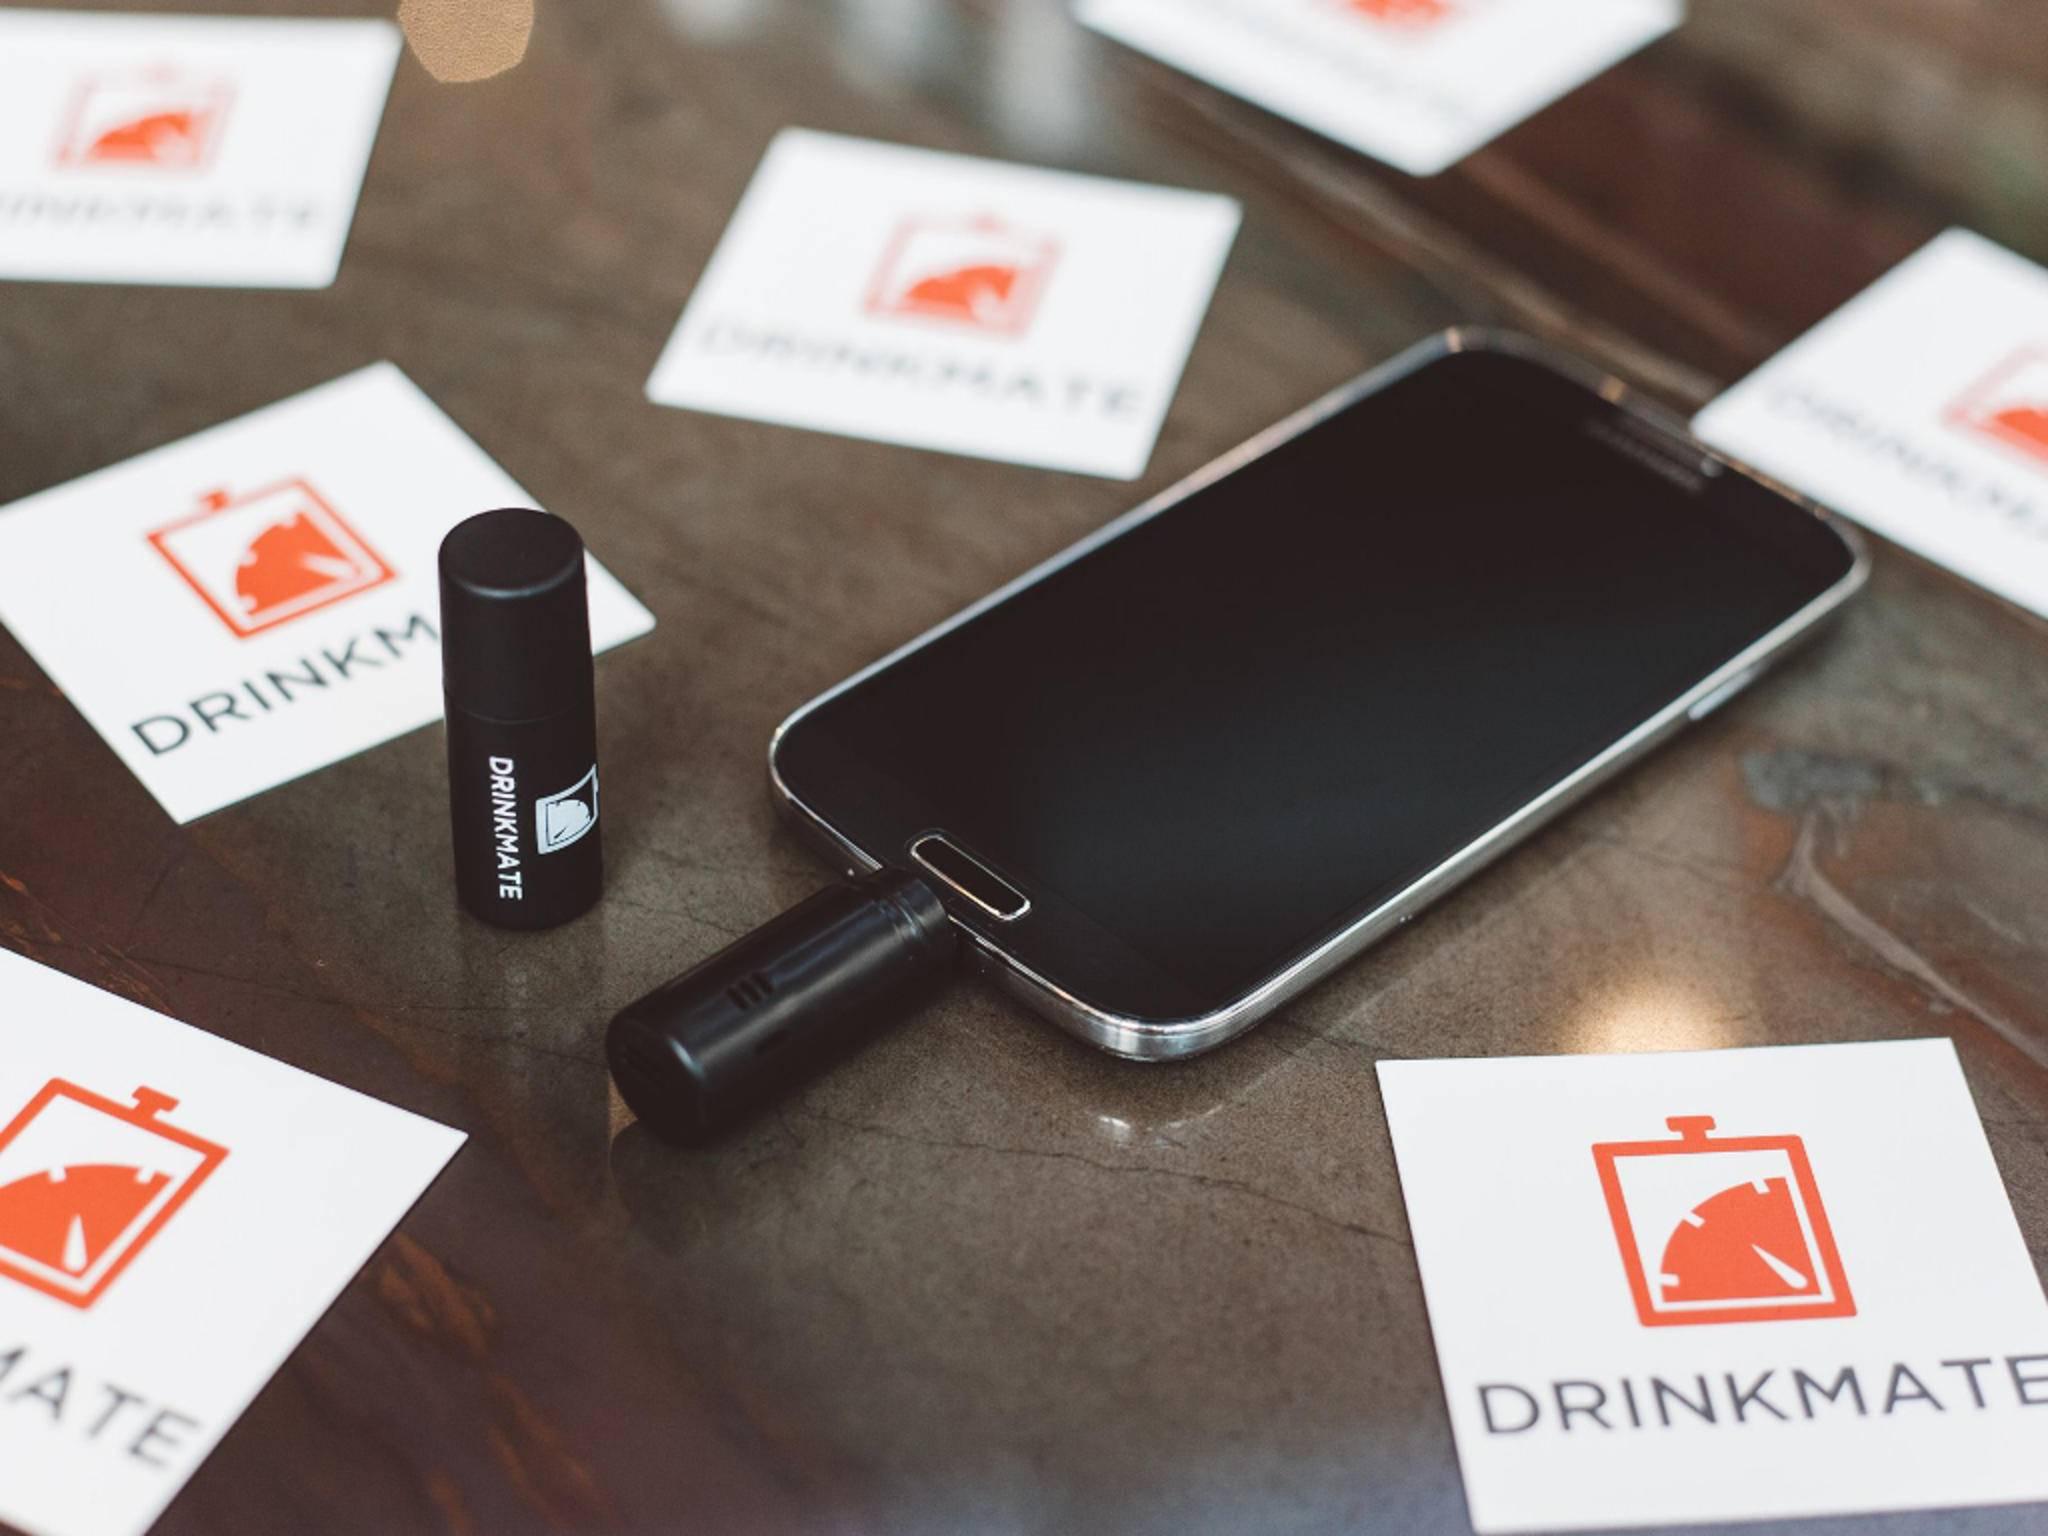 DrinkMate wird direkt ans Smartphone angeschlossen.